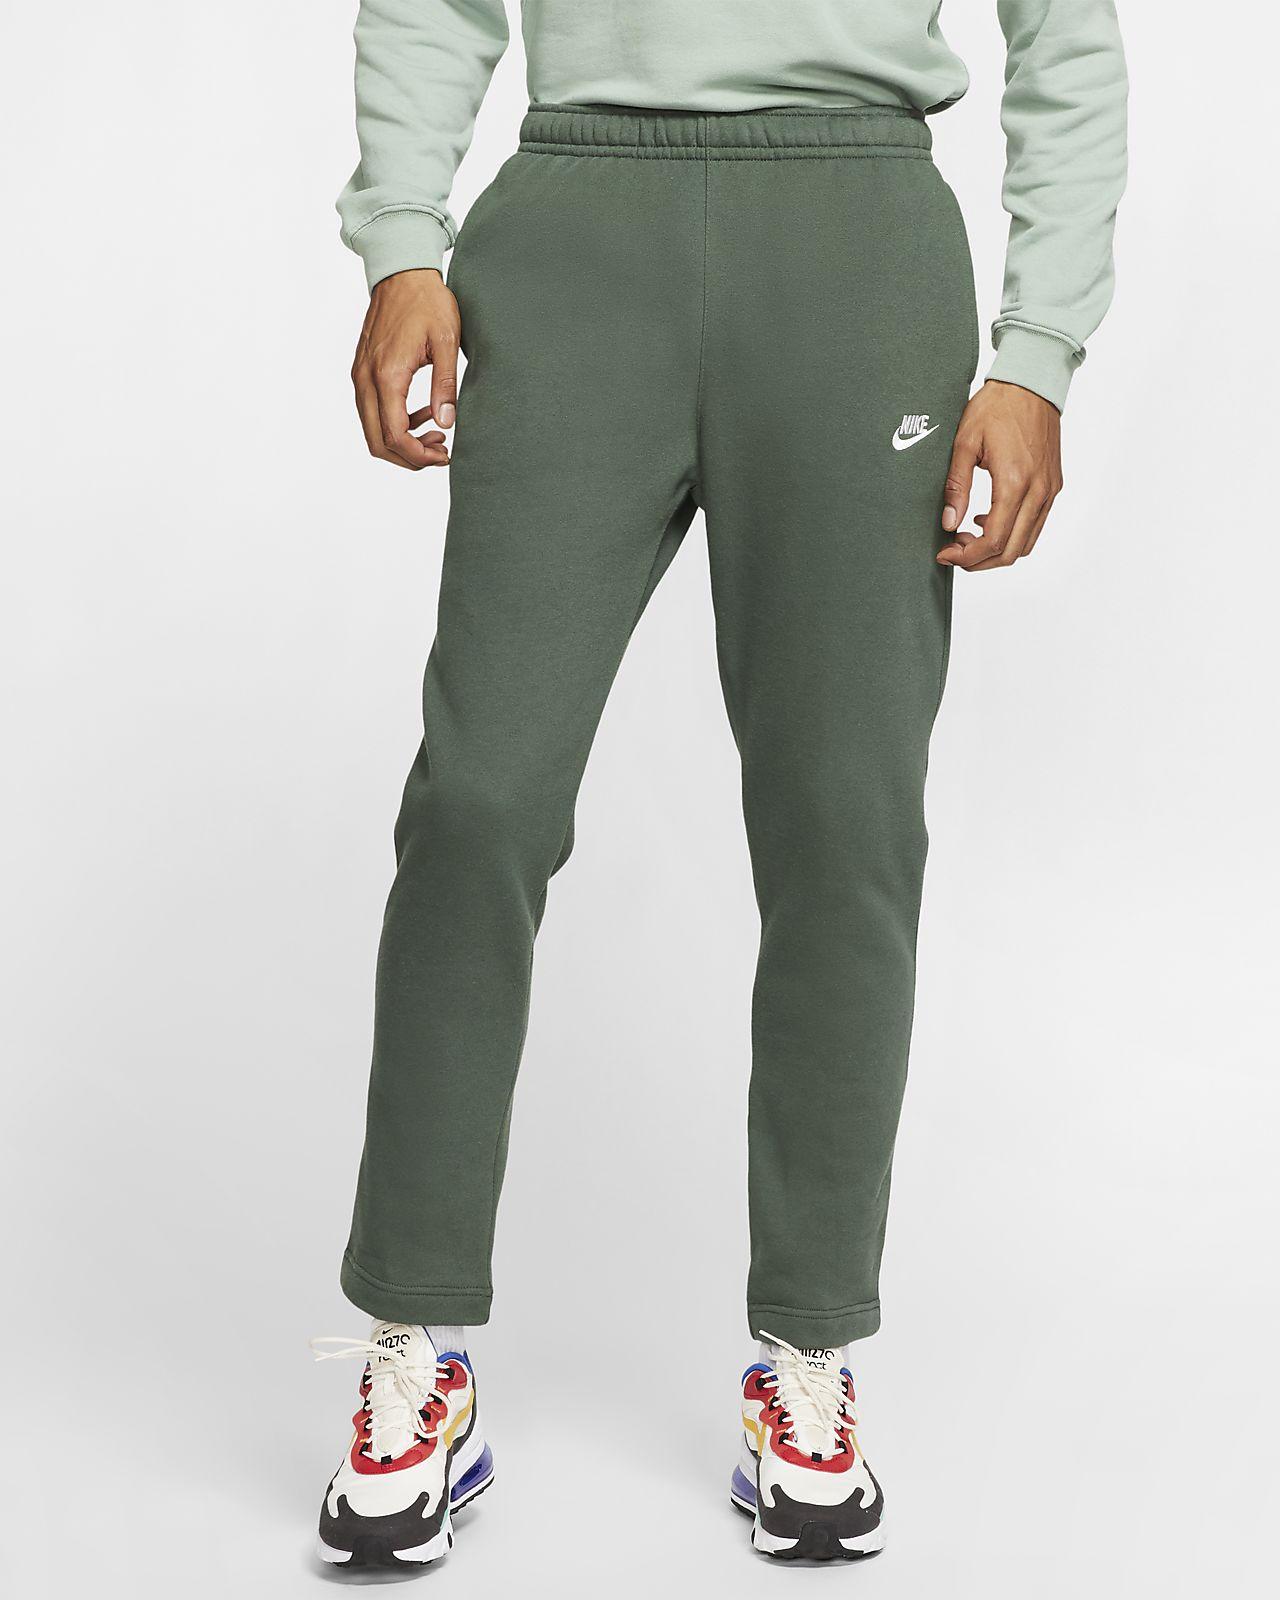 Club Sportswear Nike Men's Fleece Pants BoxerCd